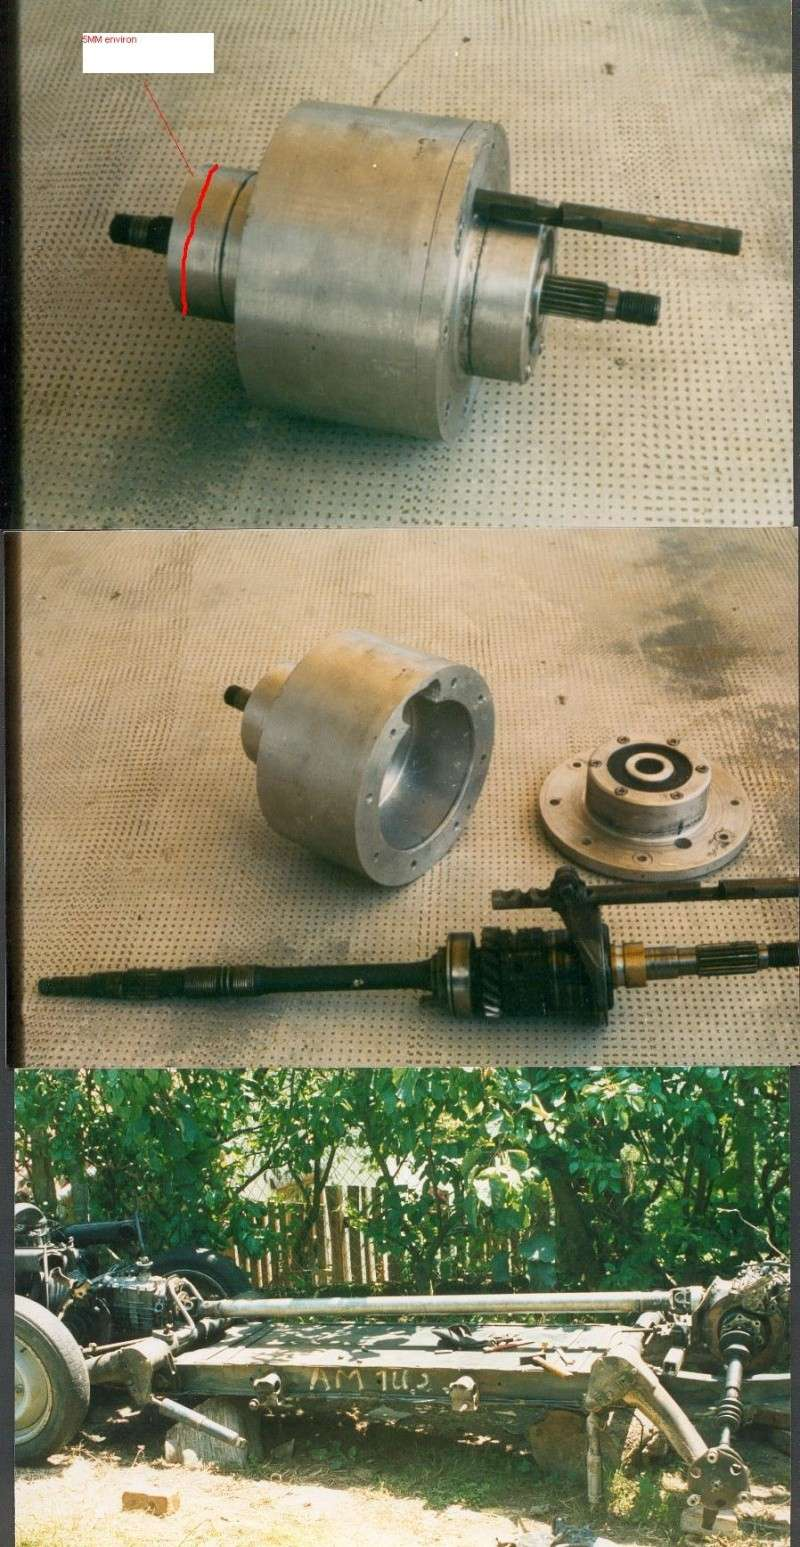 ma première restauration quand j'avais 19 ans (je suis aussi fan des grosses cylindrées americaines) Crabot11